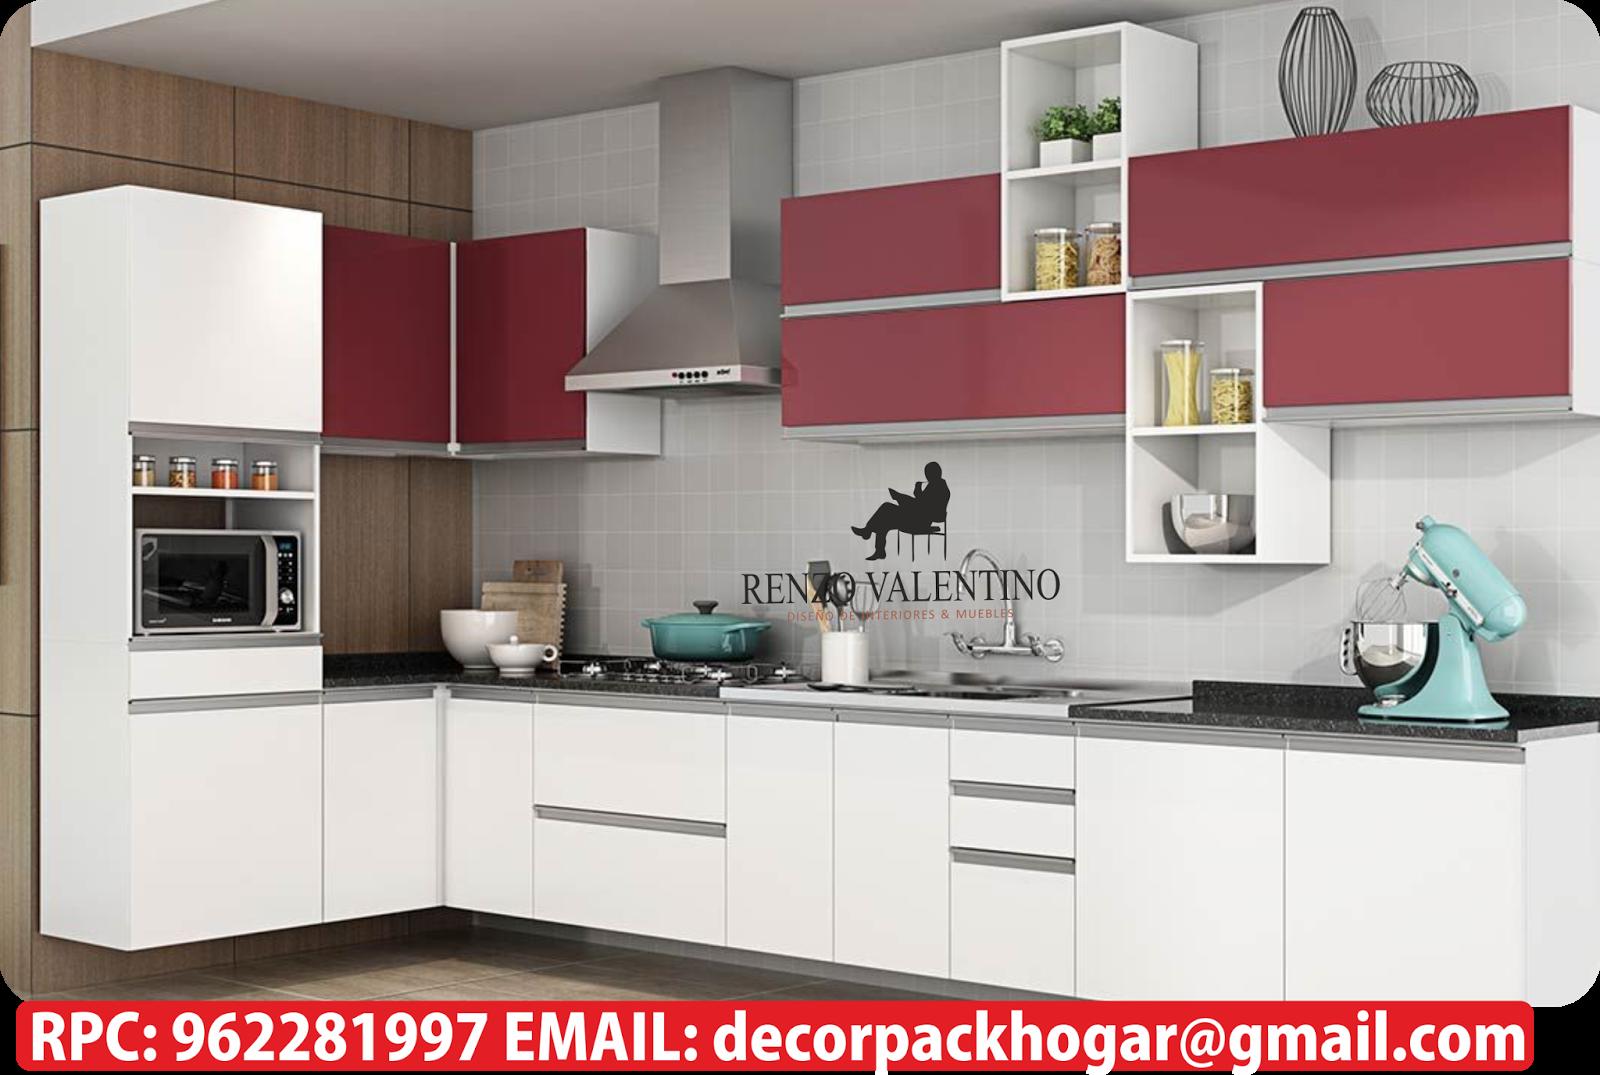 Dise os fabricacion de closet cocina y muebles de oficina for Muebles estilo italiano